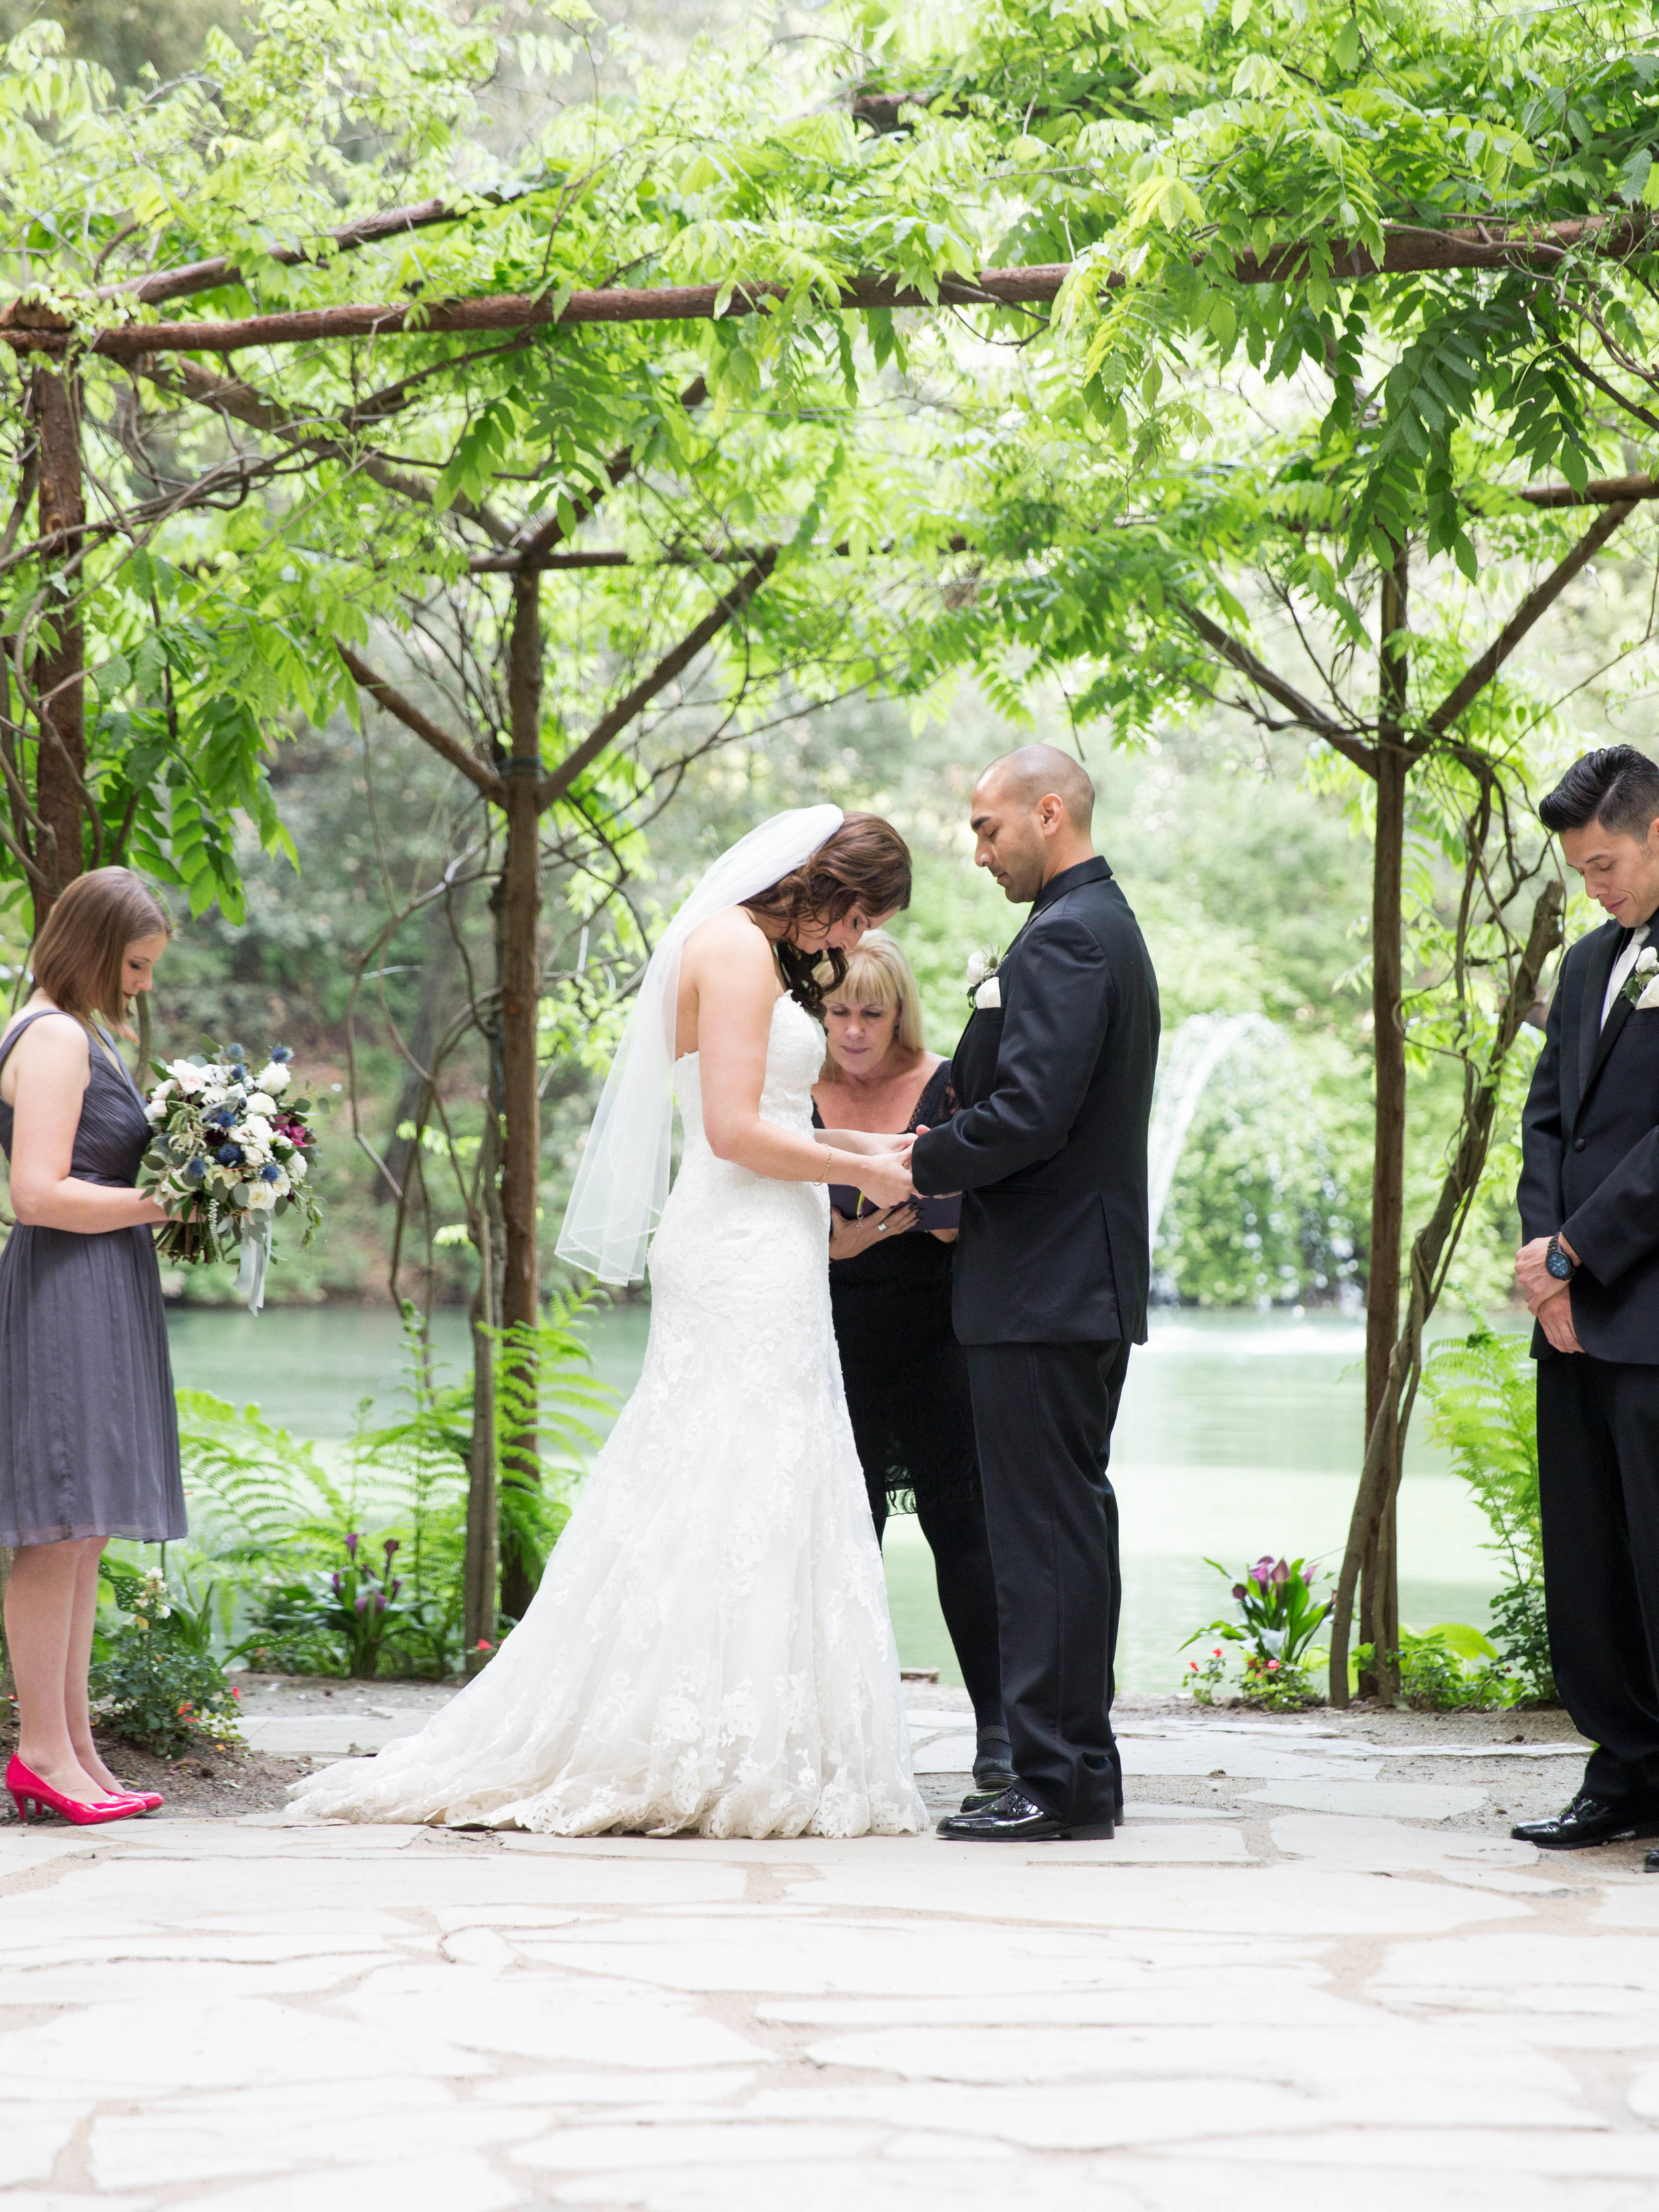 Meghan Mehan Photography - Alisa & Aaron_Nestldown Wedding - 365.jpg